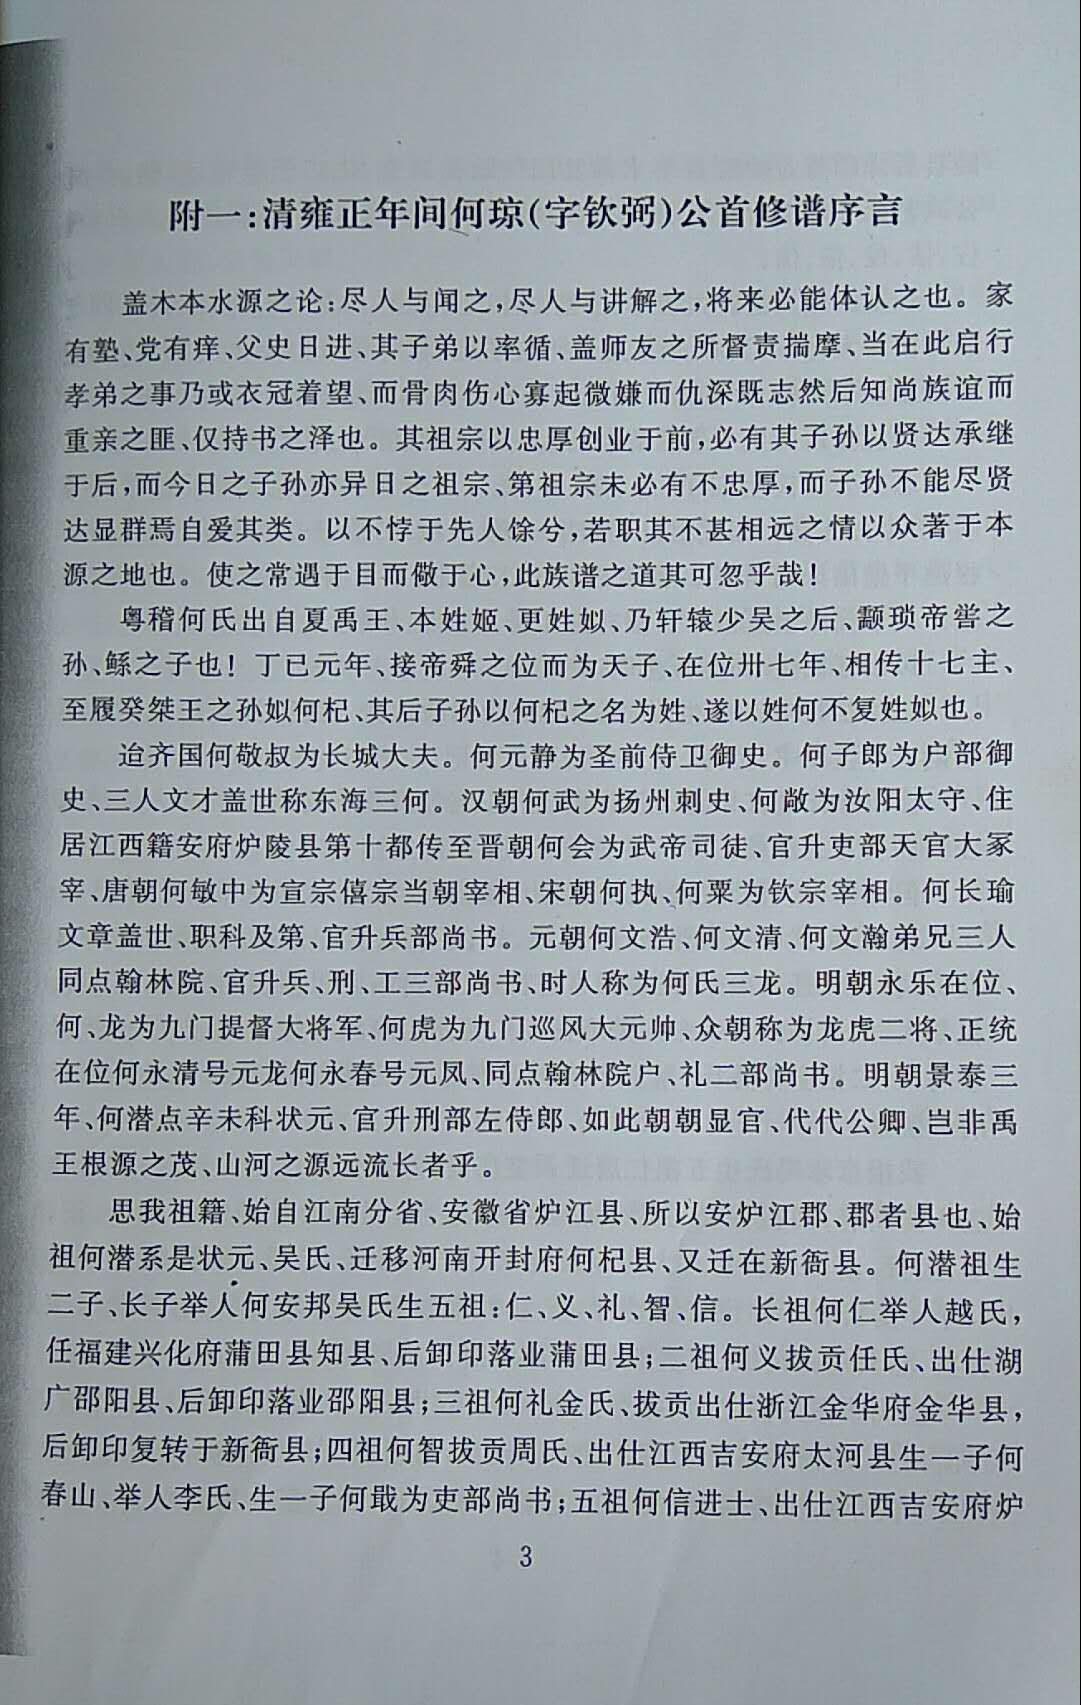 清雍正年间何琼(字钦弼)公首修谱序言